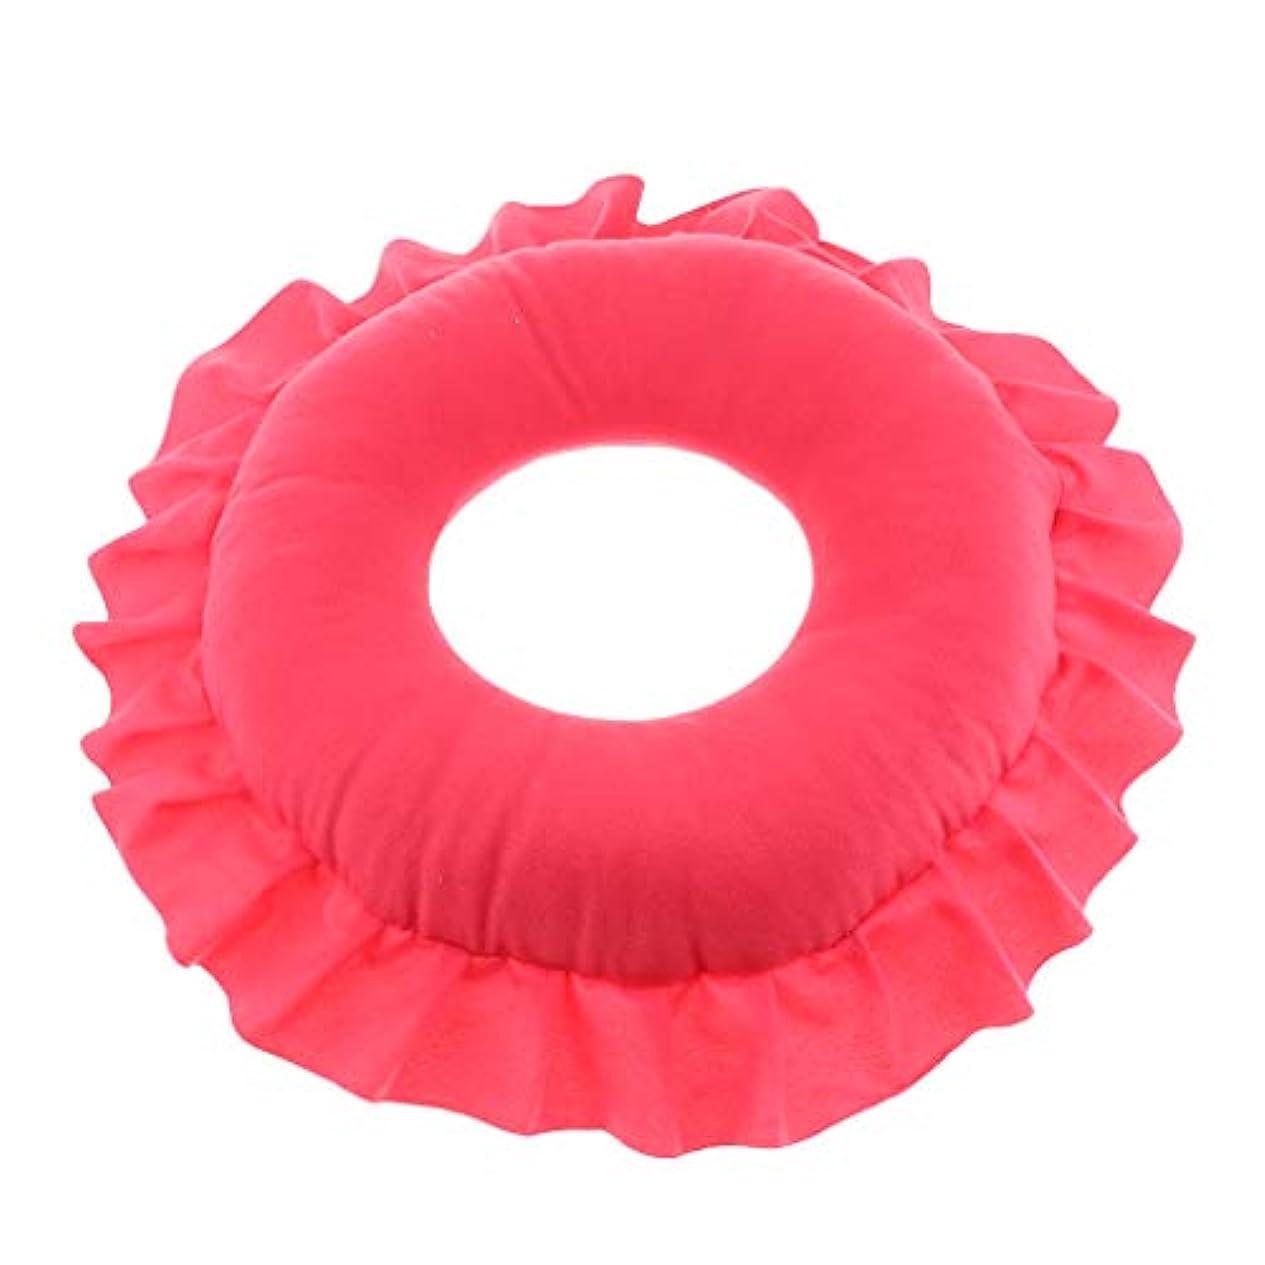 金曜日コンピューターゲームをプレイする持つFLAMEER 全4色 フェイスピロー 顔枕 マッサージピロー クッション 美容院 快適 洗える 実用的 - 赤